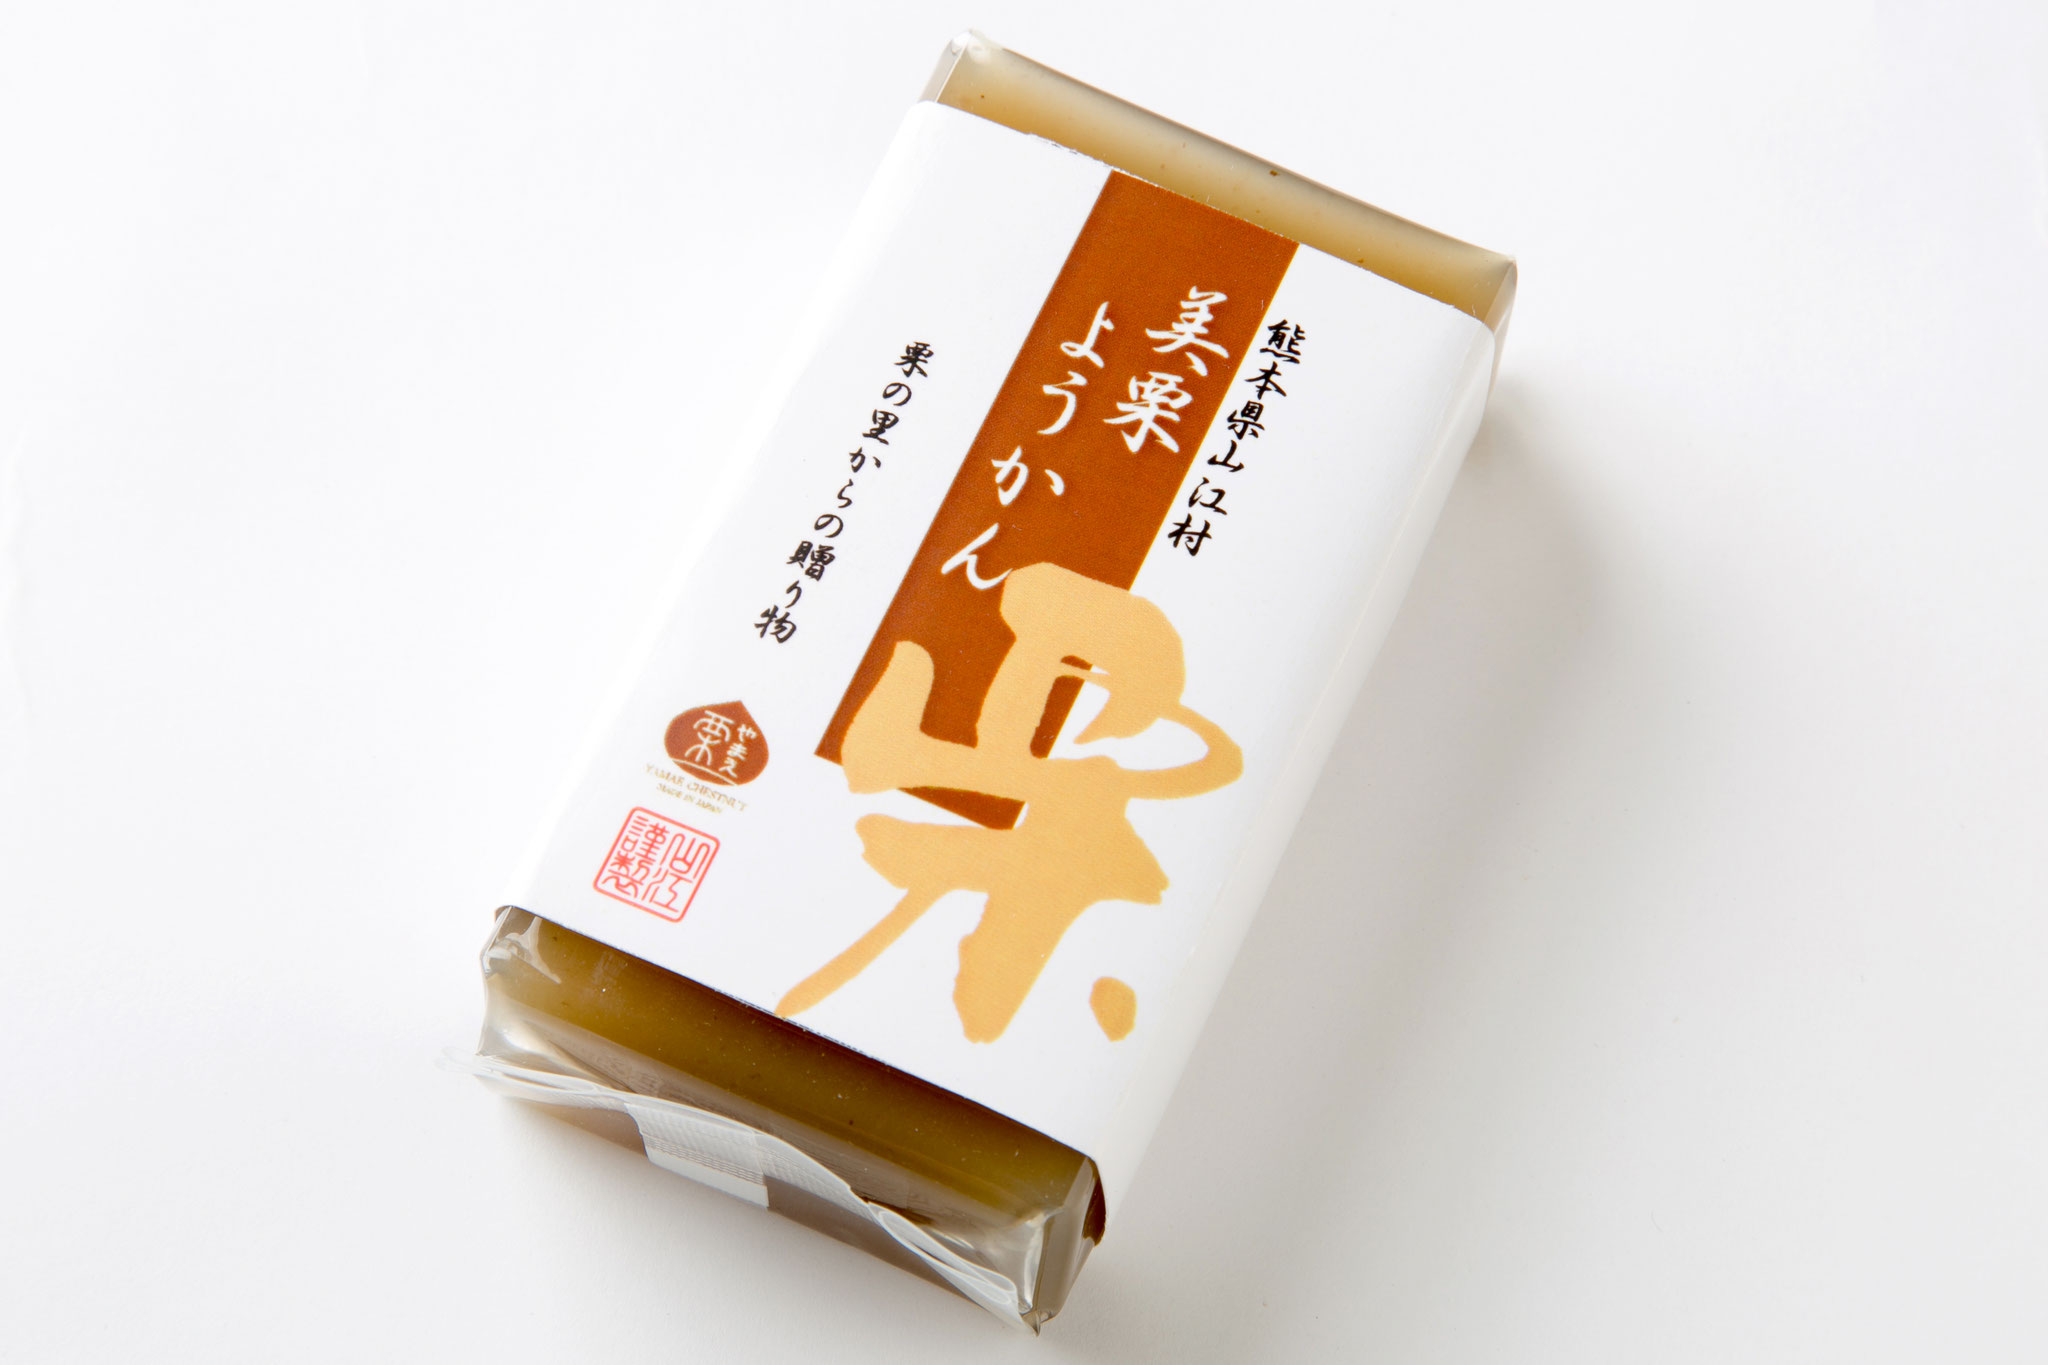 Bikkuri Yôkan (pâte de marron sucré solide)